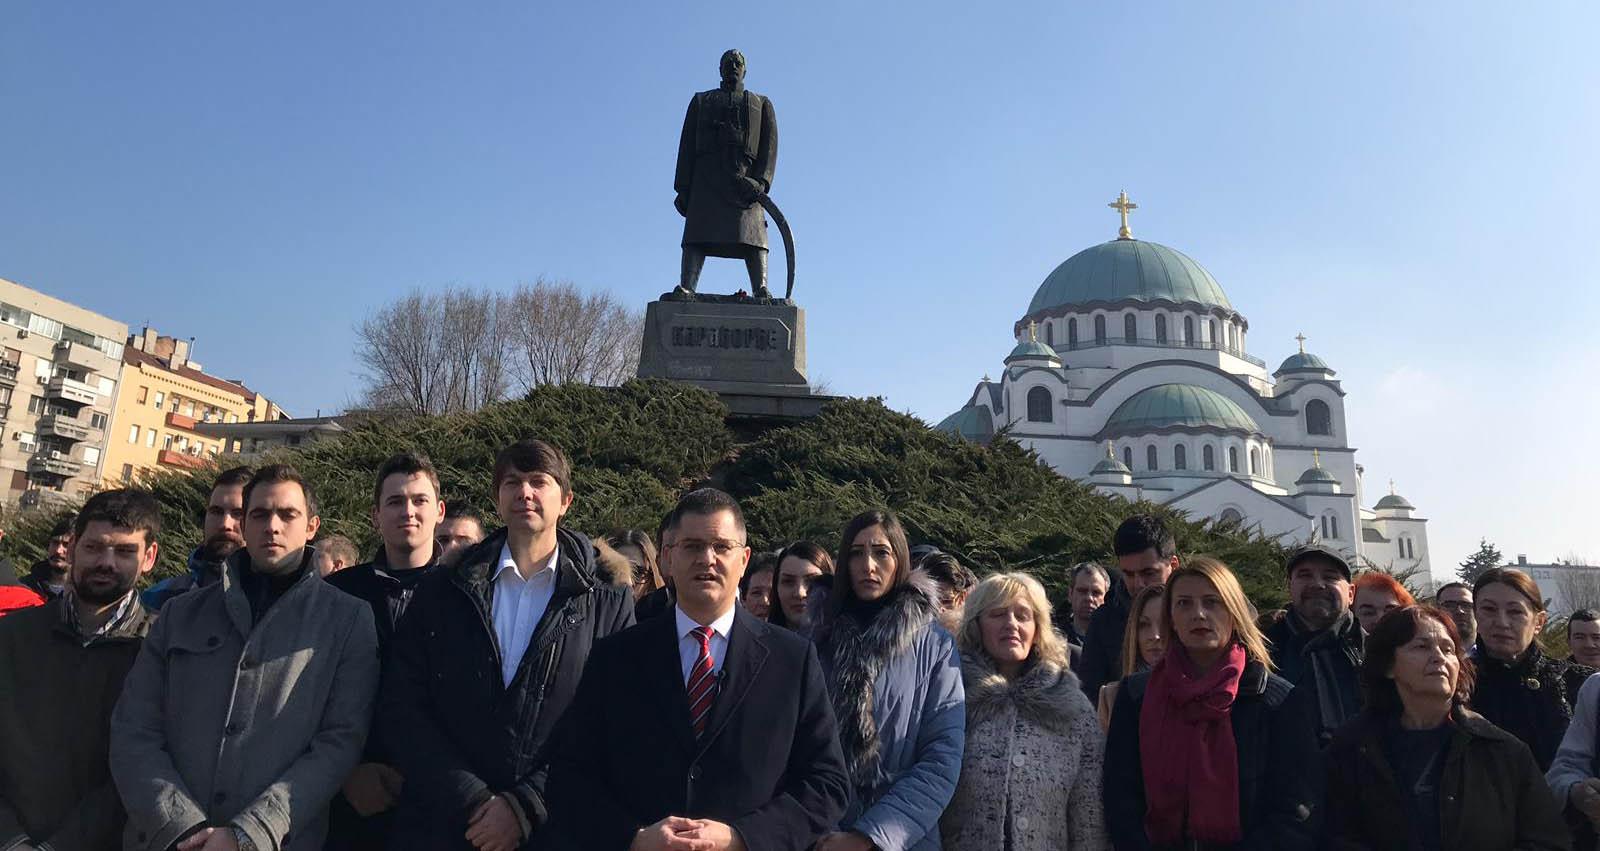 Јеремић честитао Дан државности: Пред нама је пролеће слободе